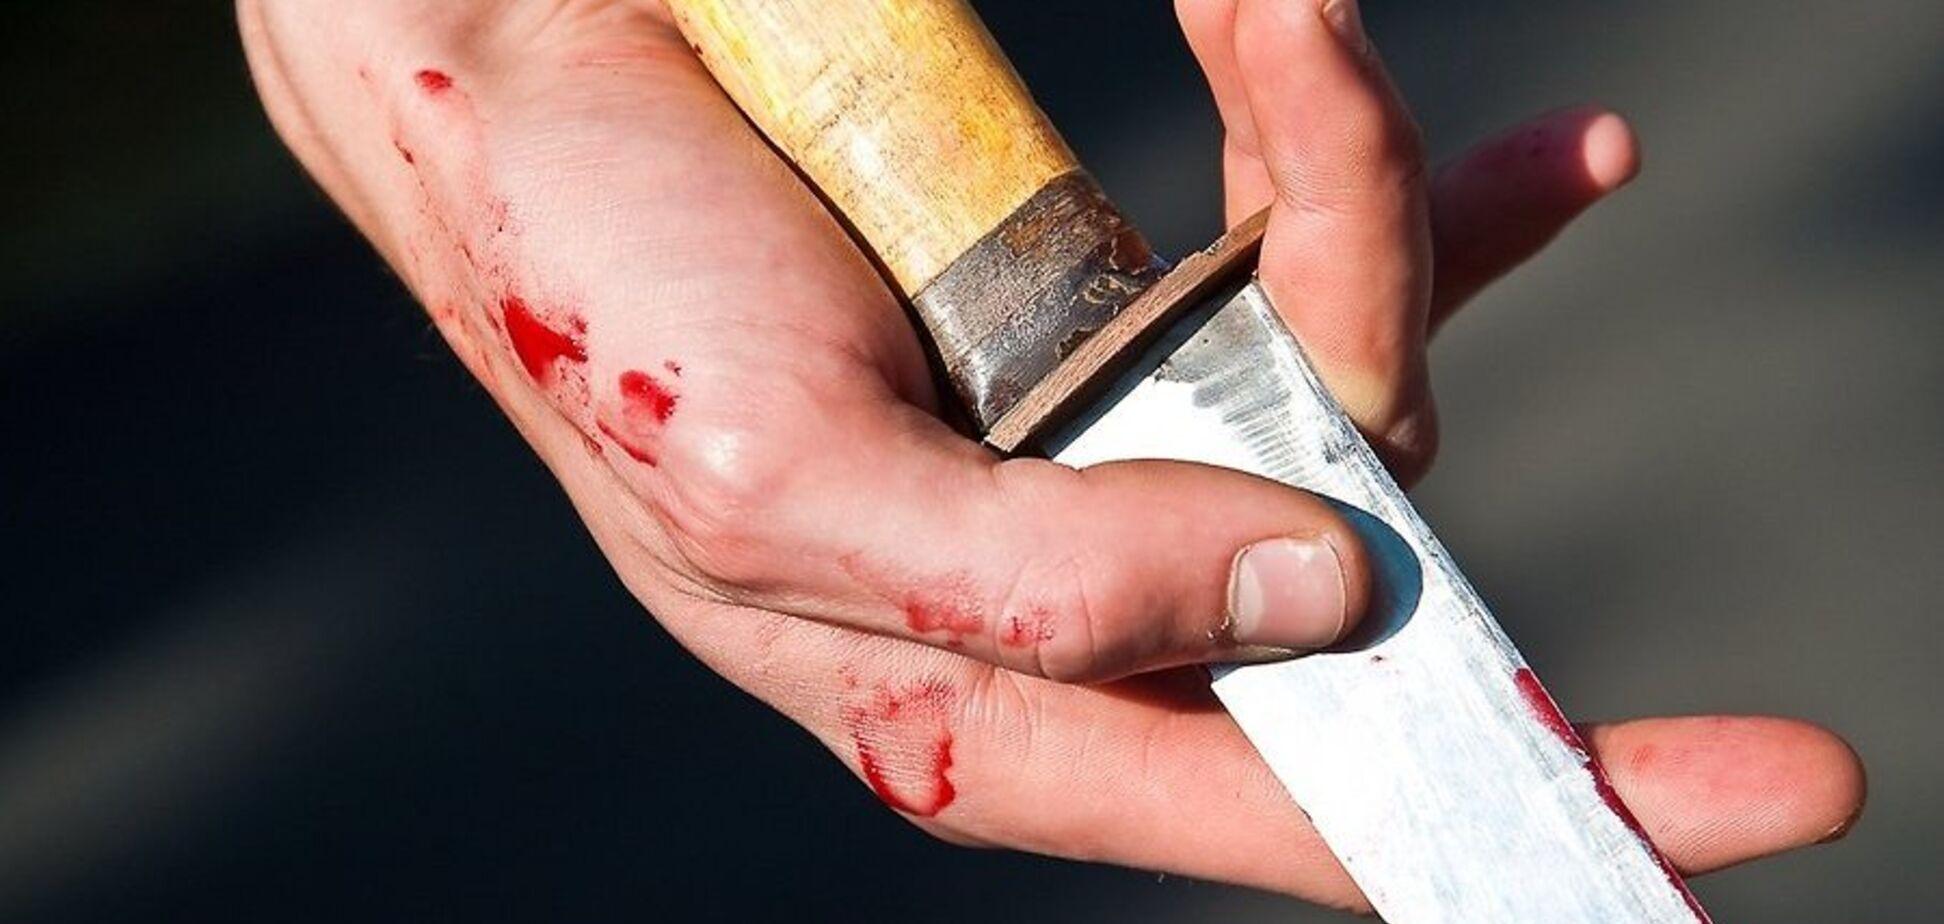 Ножем у серце: з'явилися ексклюзивні деталі вбивства у Дніпрі